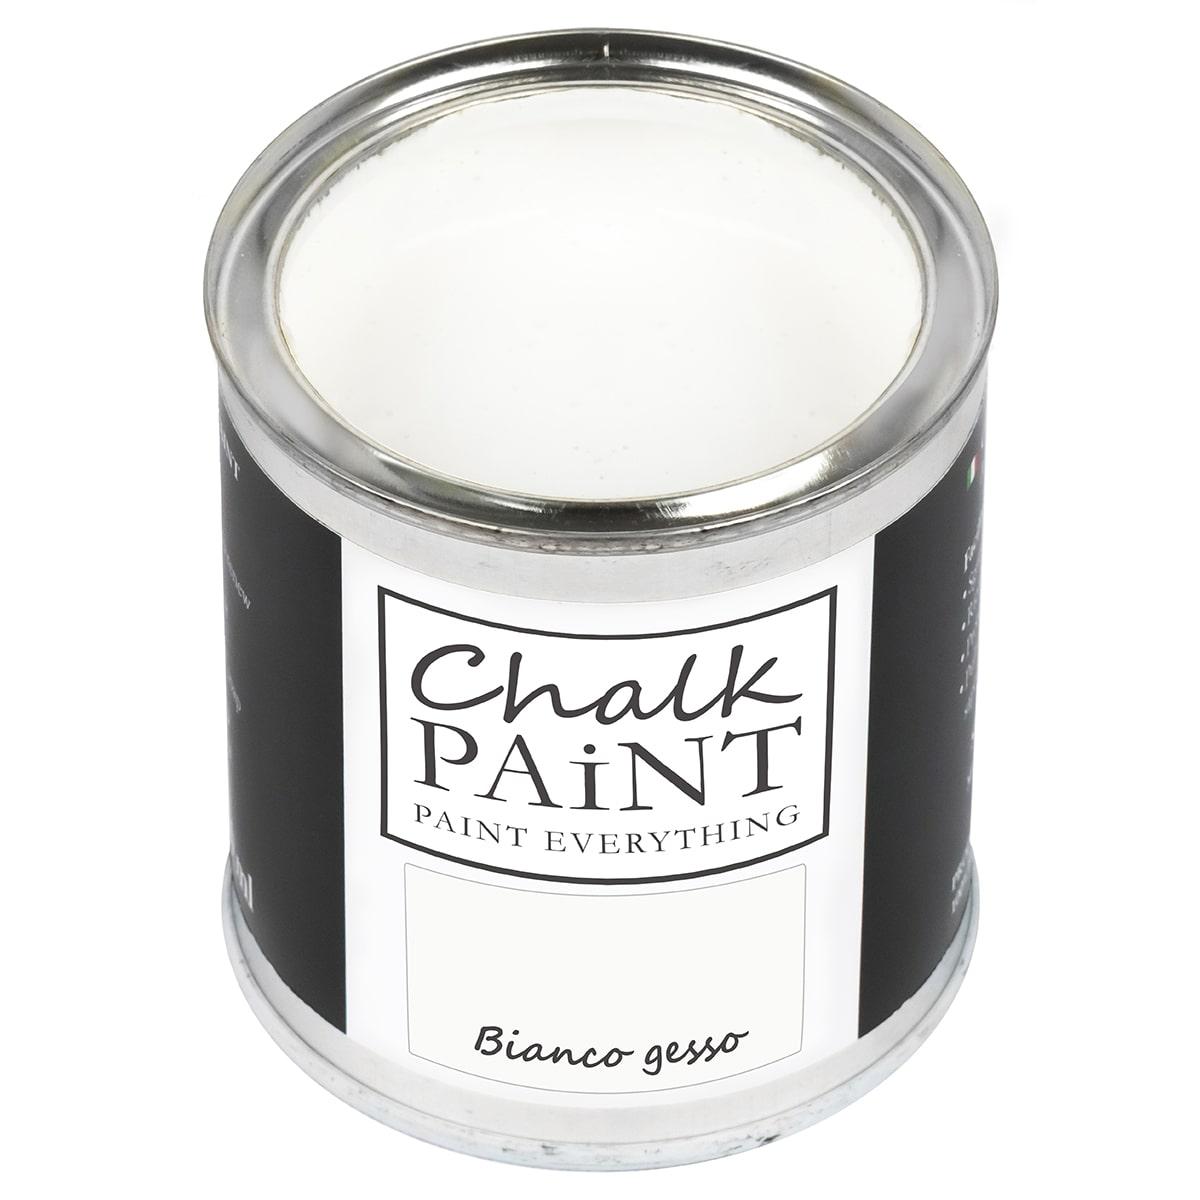 Chalk Paint Bianco Gesso